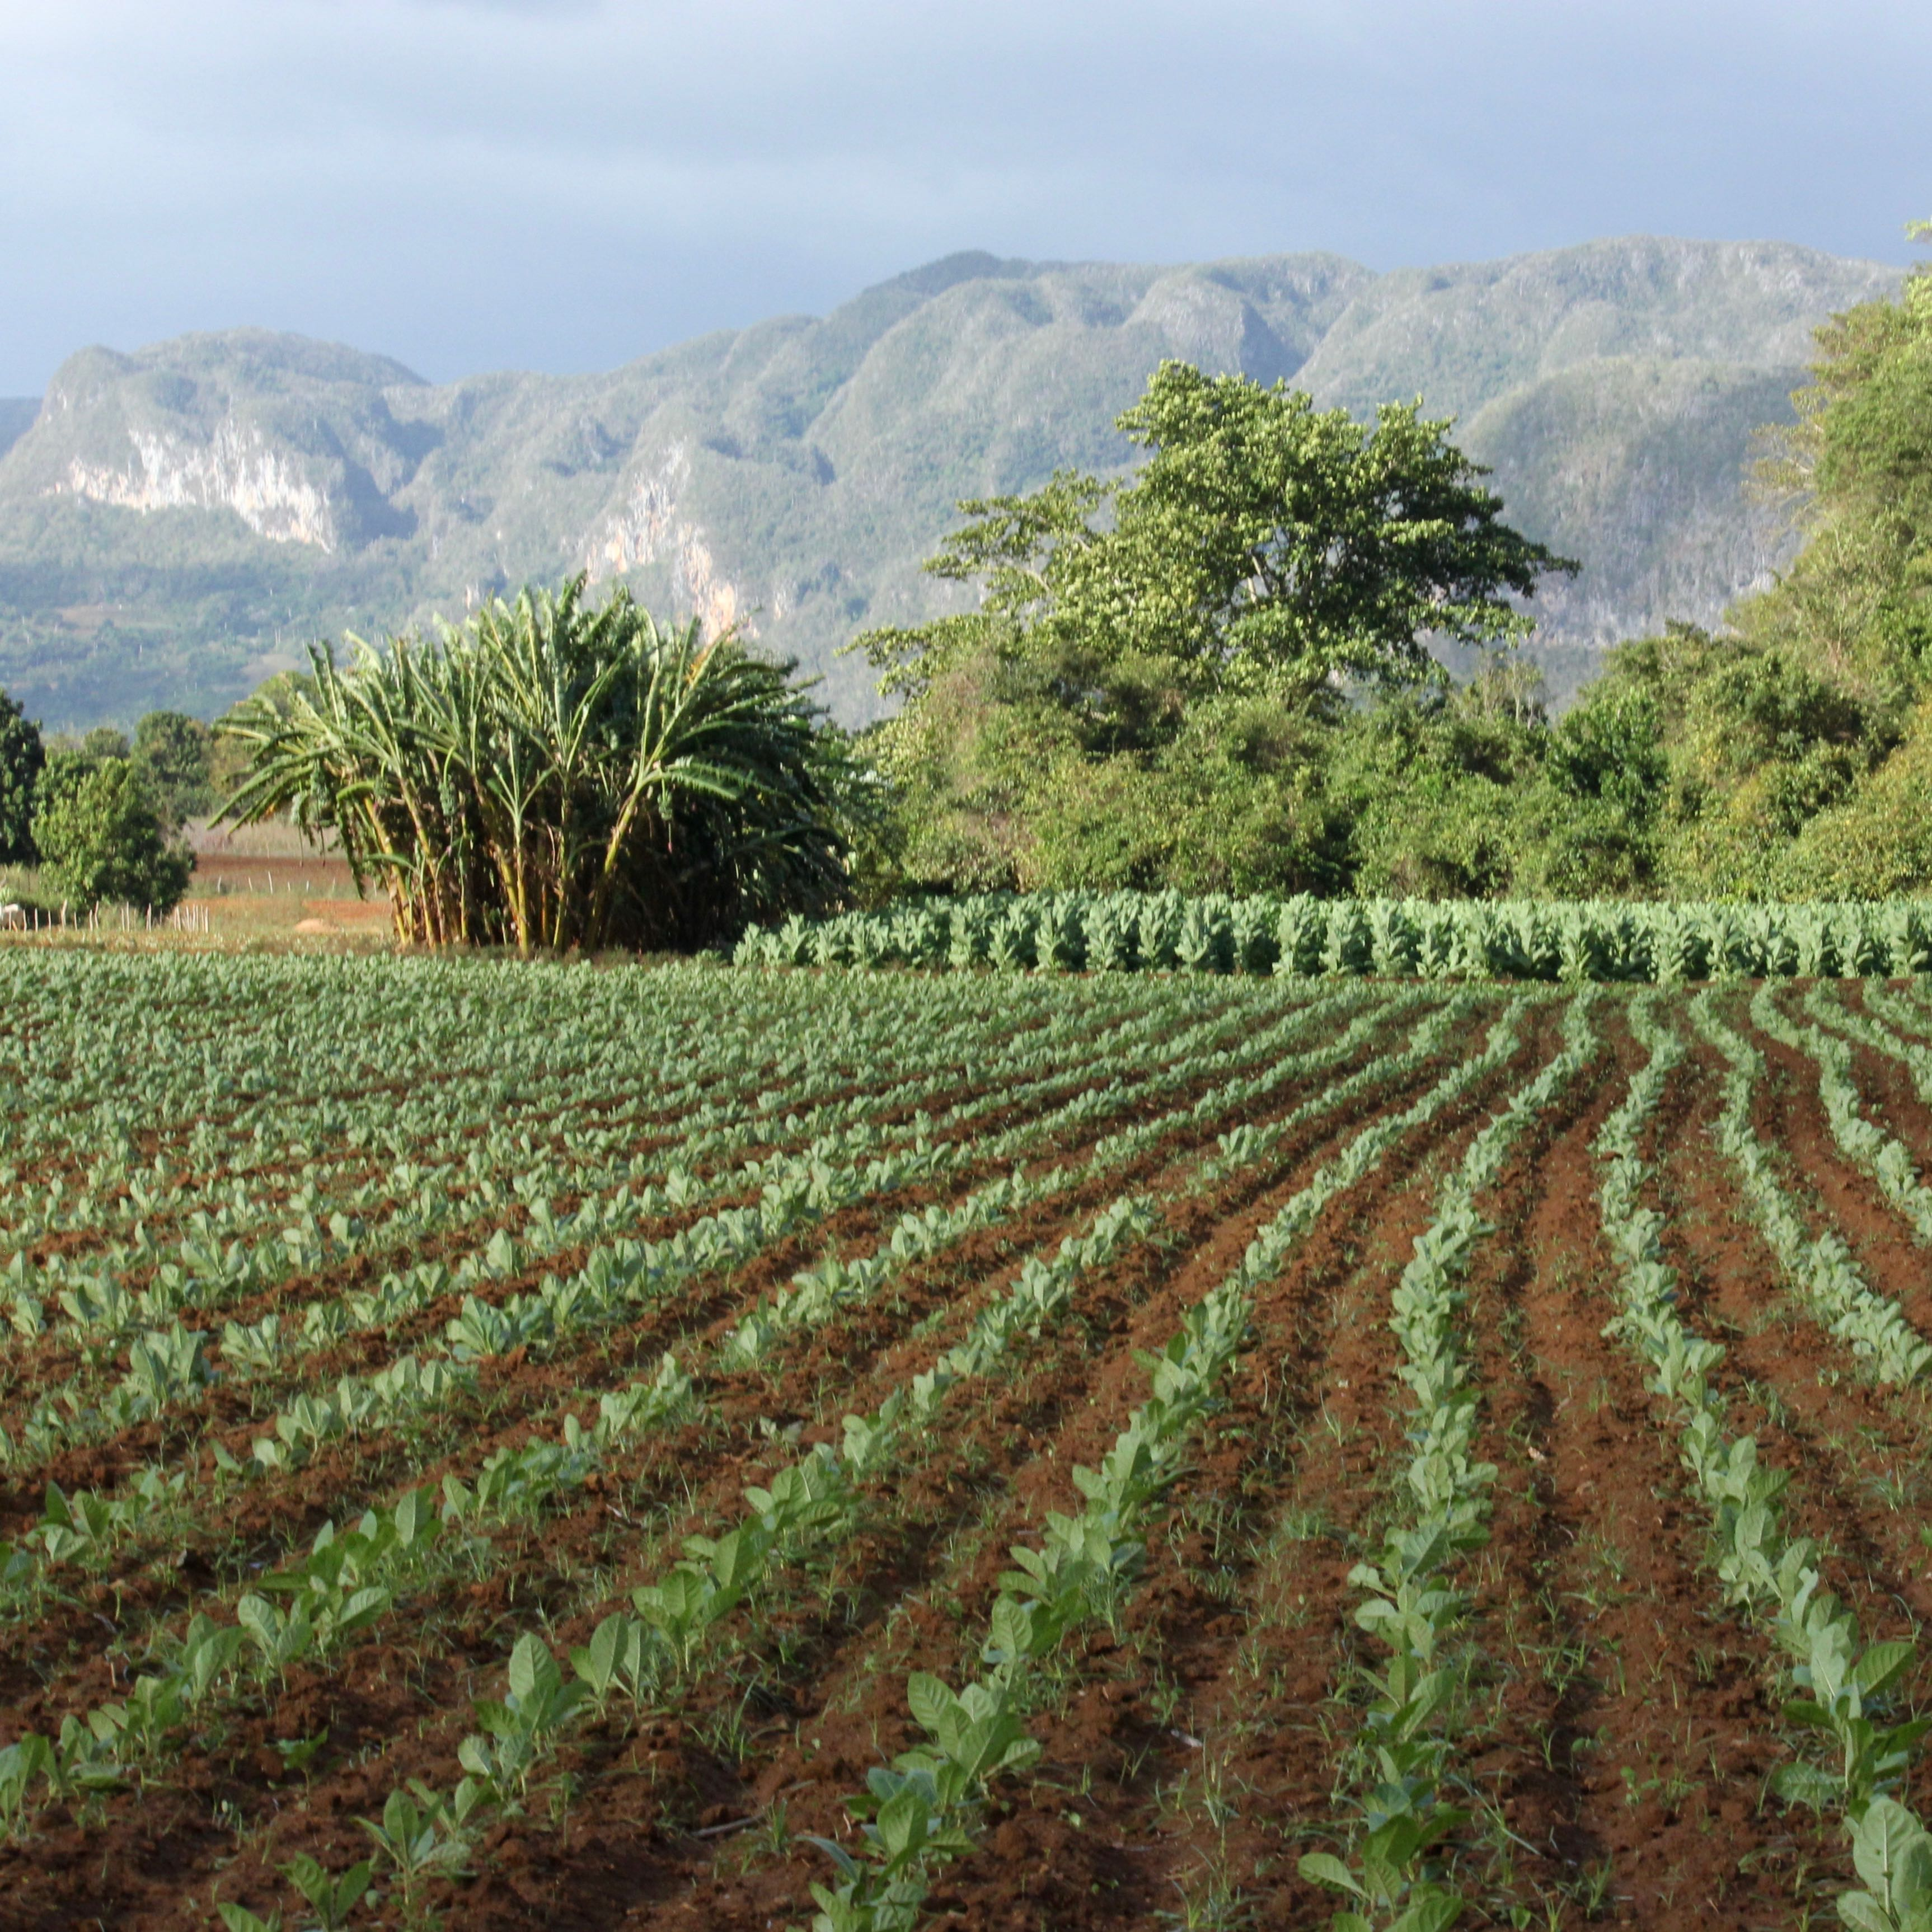 vinales, Cuba tobacco